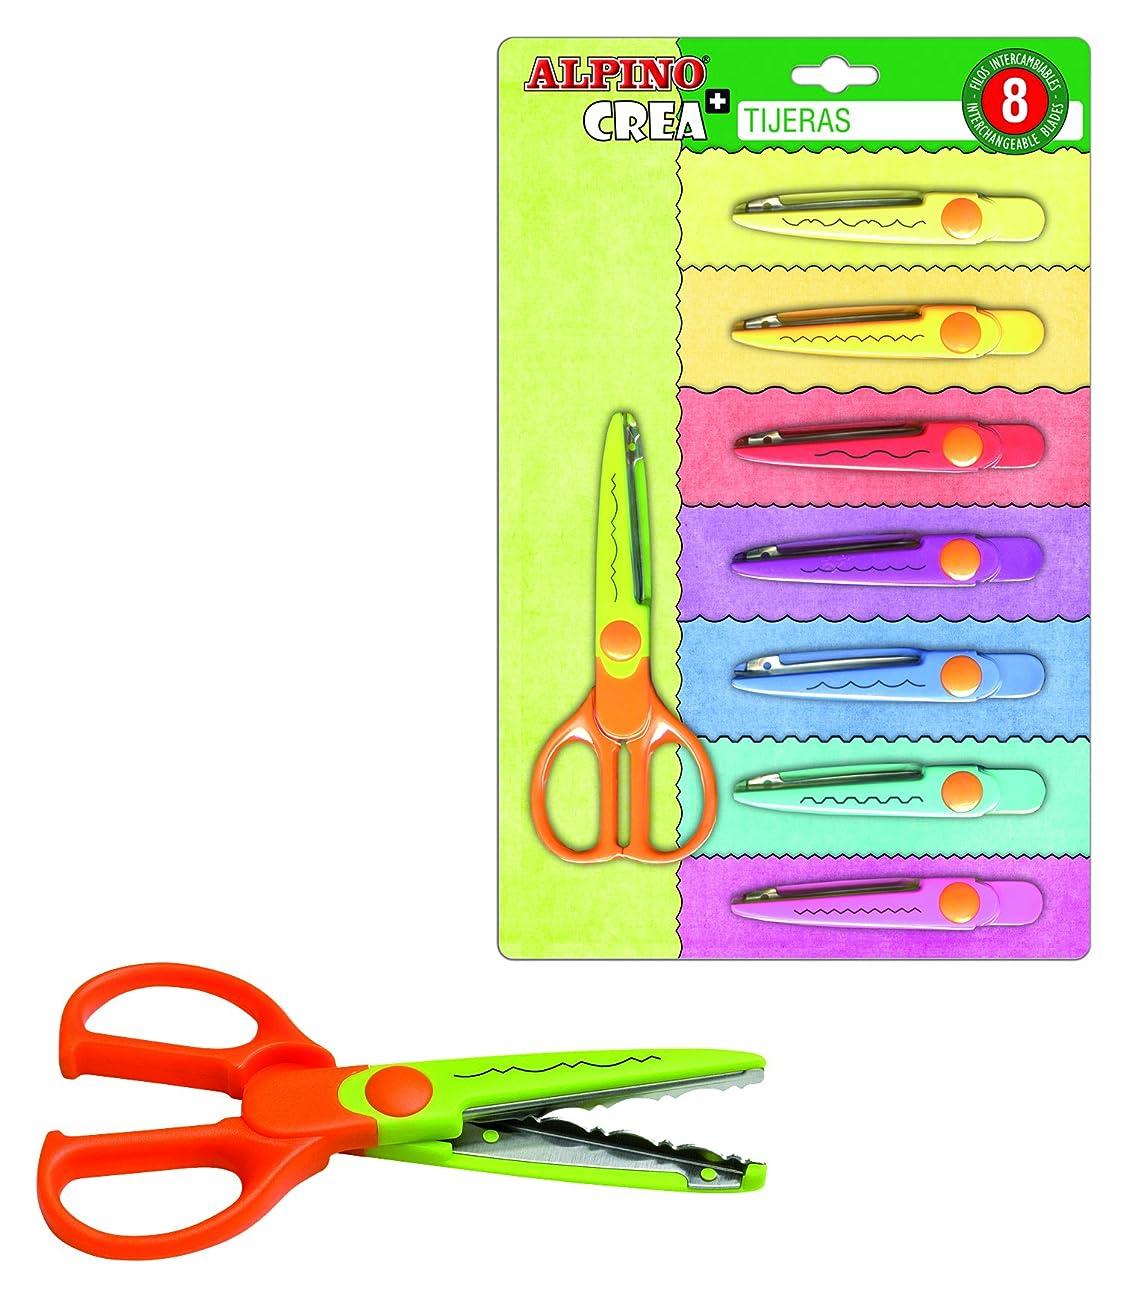 Alpine PT0030?–?Pack of Scissors, 8?Special Blades